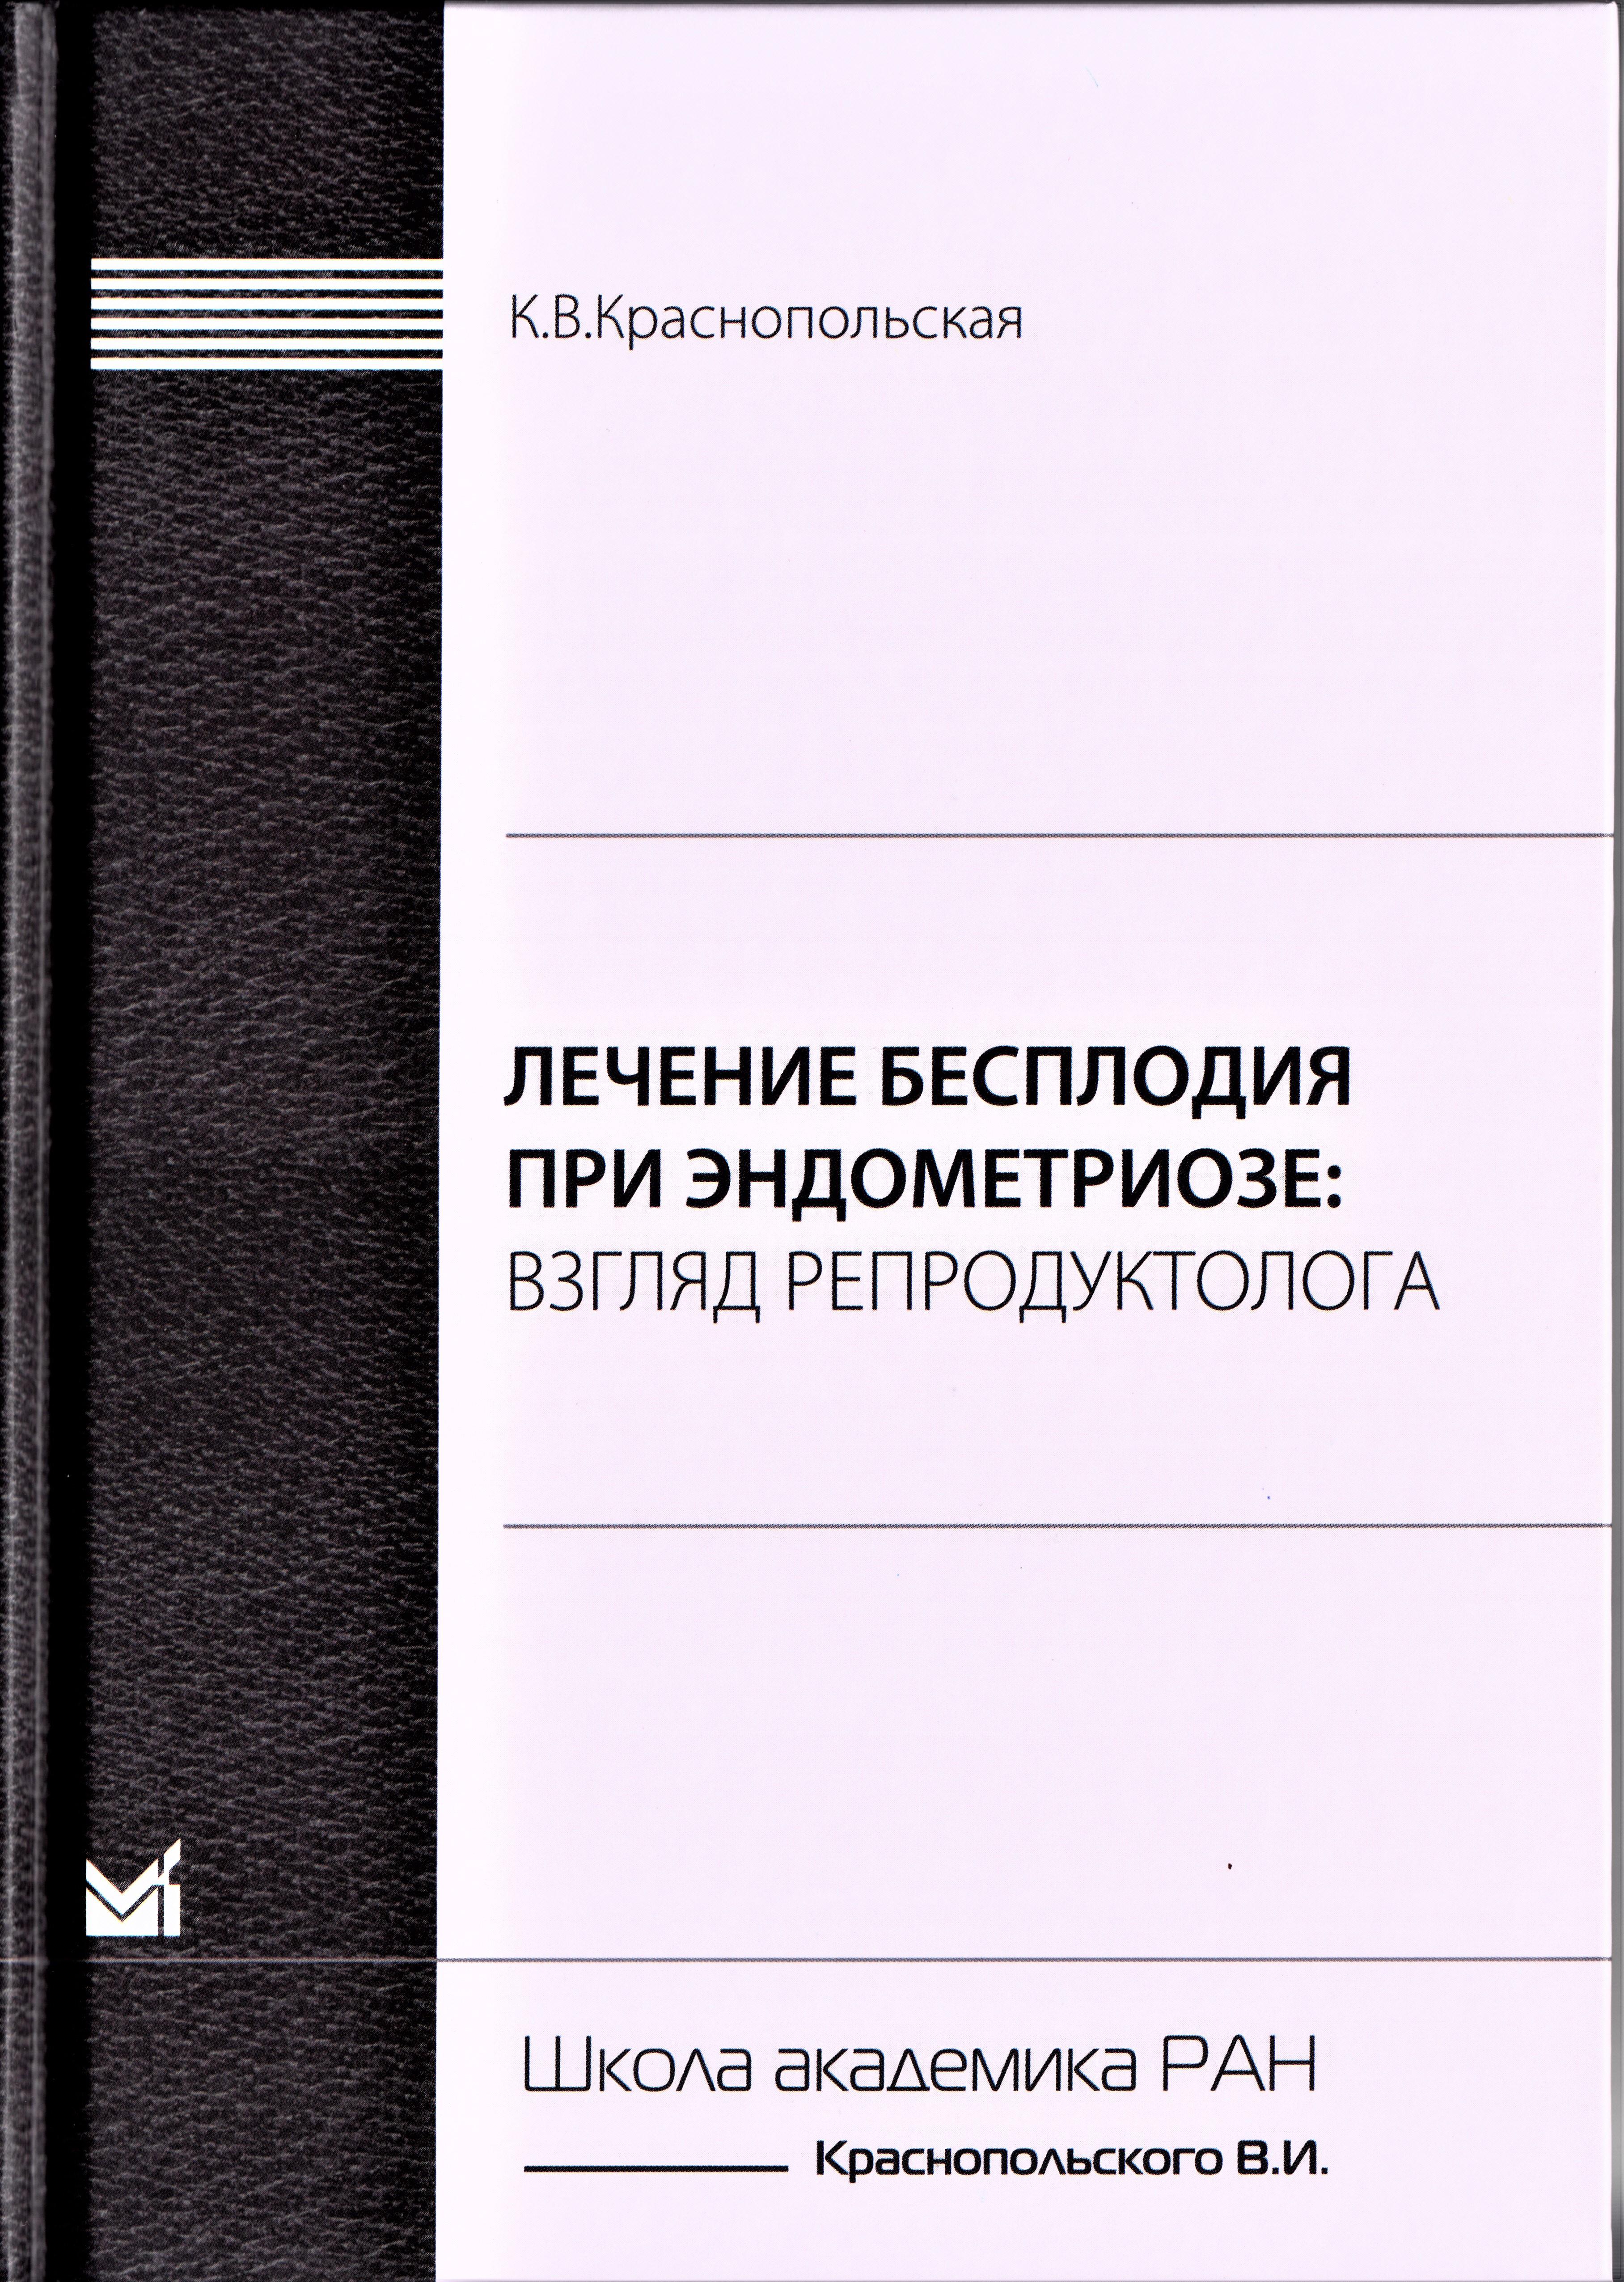 Медицинская книжка Москва Головинский курская